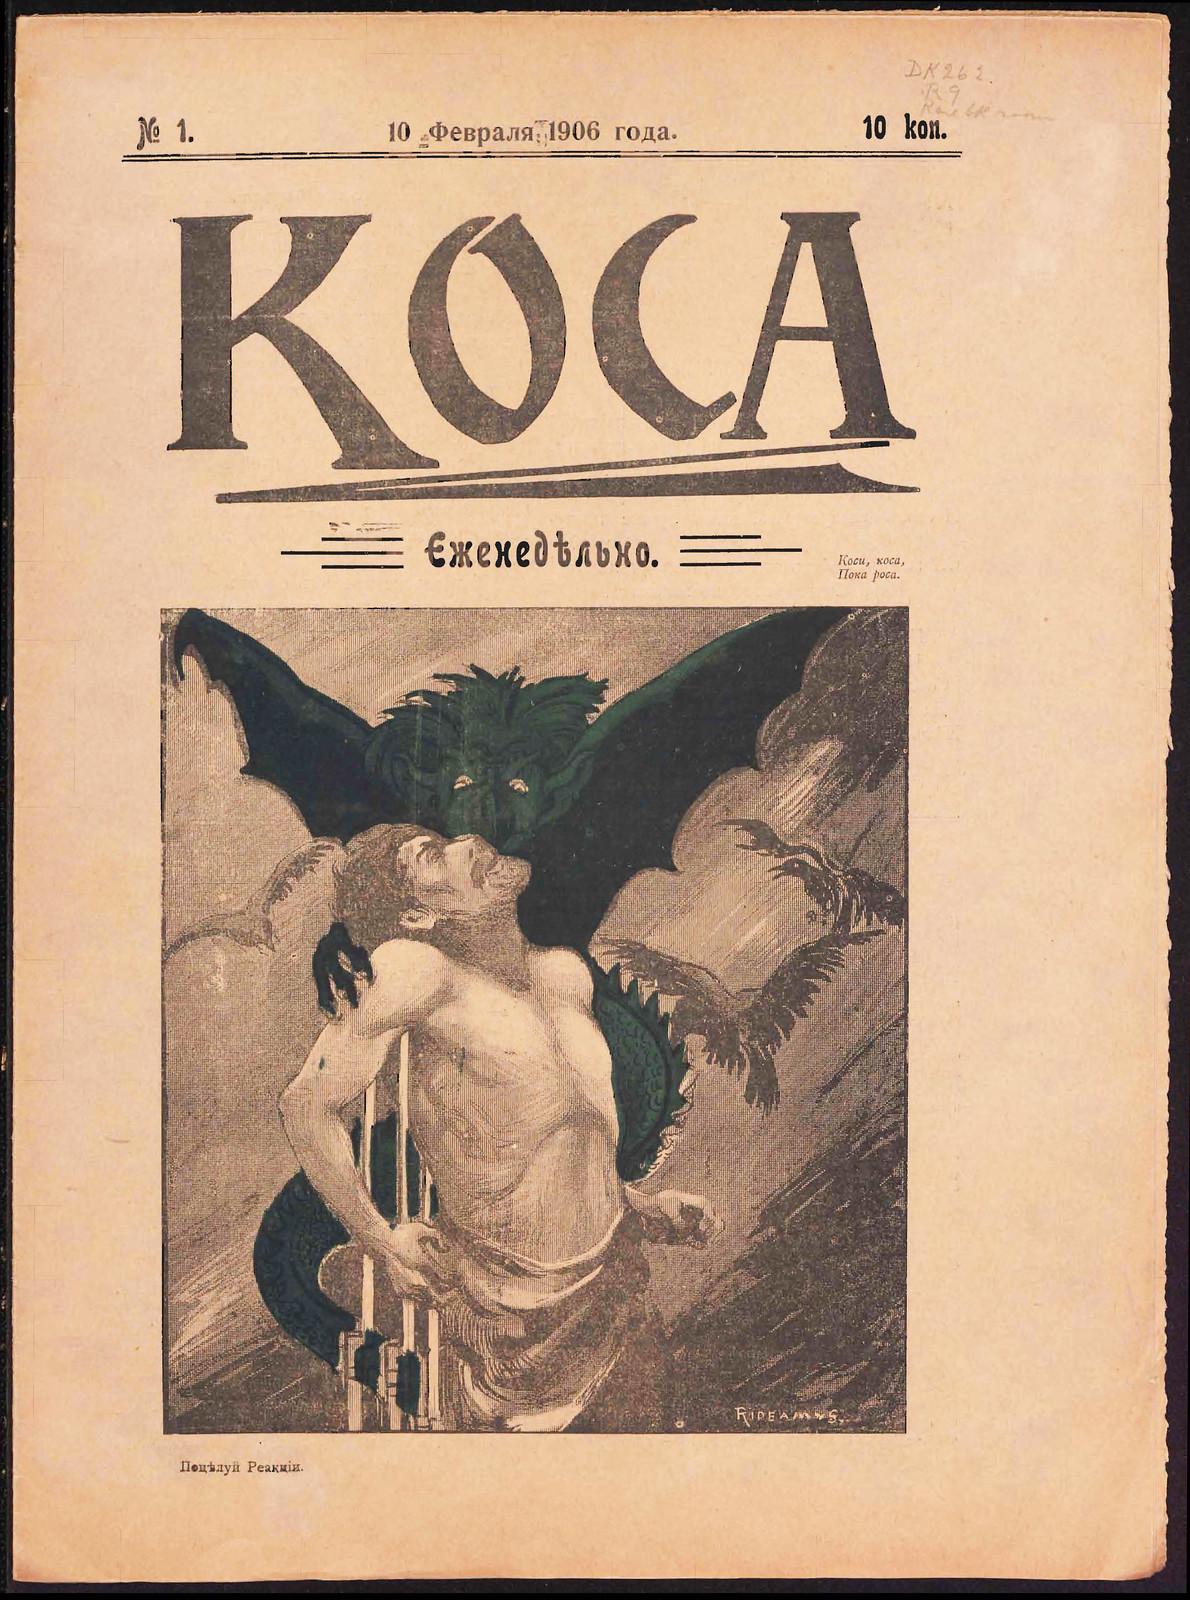 Kosa, no. 1, February 10, 1906